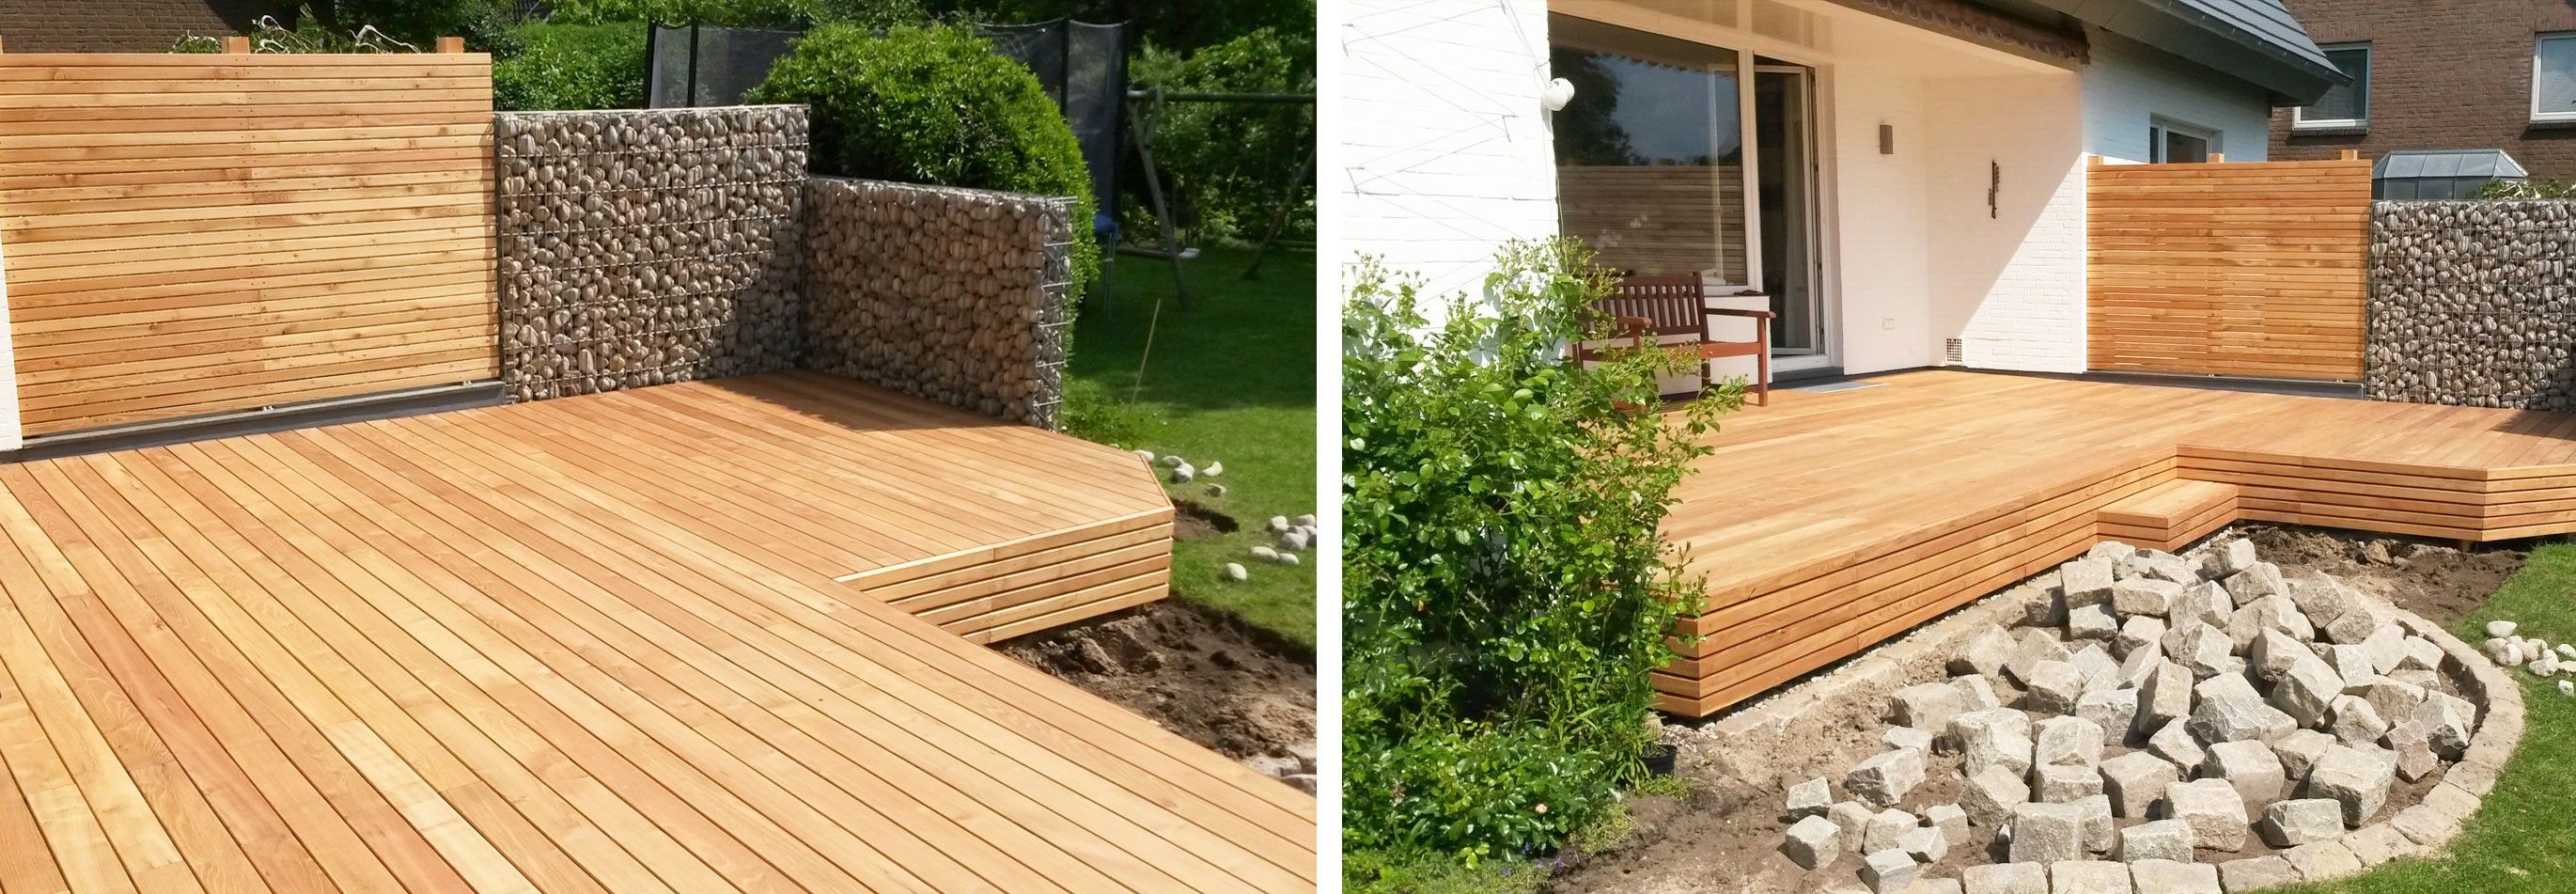 26 Einzigartig Holz Uberdachung Terrasse Planen Garten Terrasse